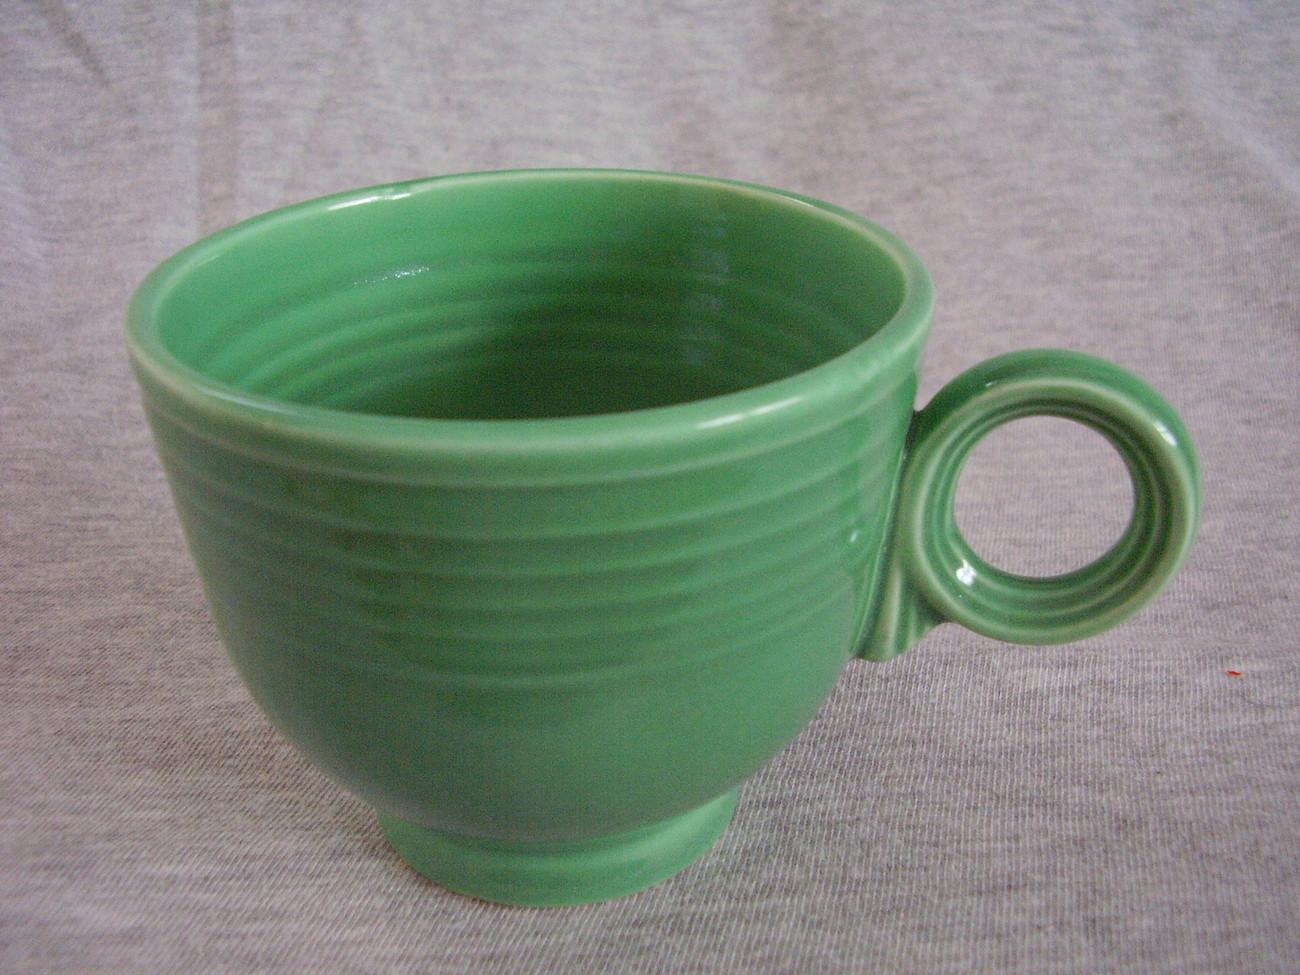 Vintage Fiestaware Original Green Ring Handle Teacup D